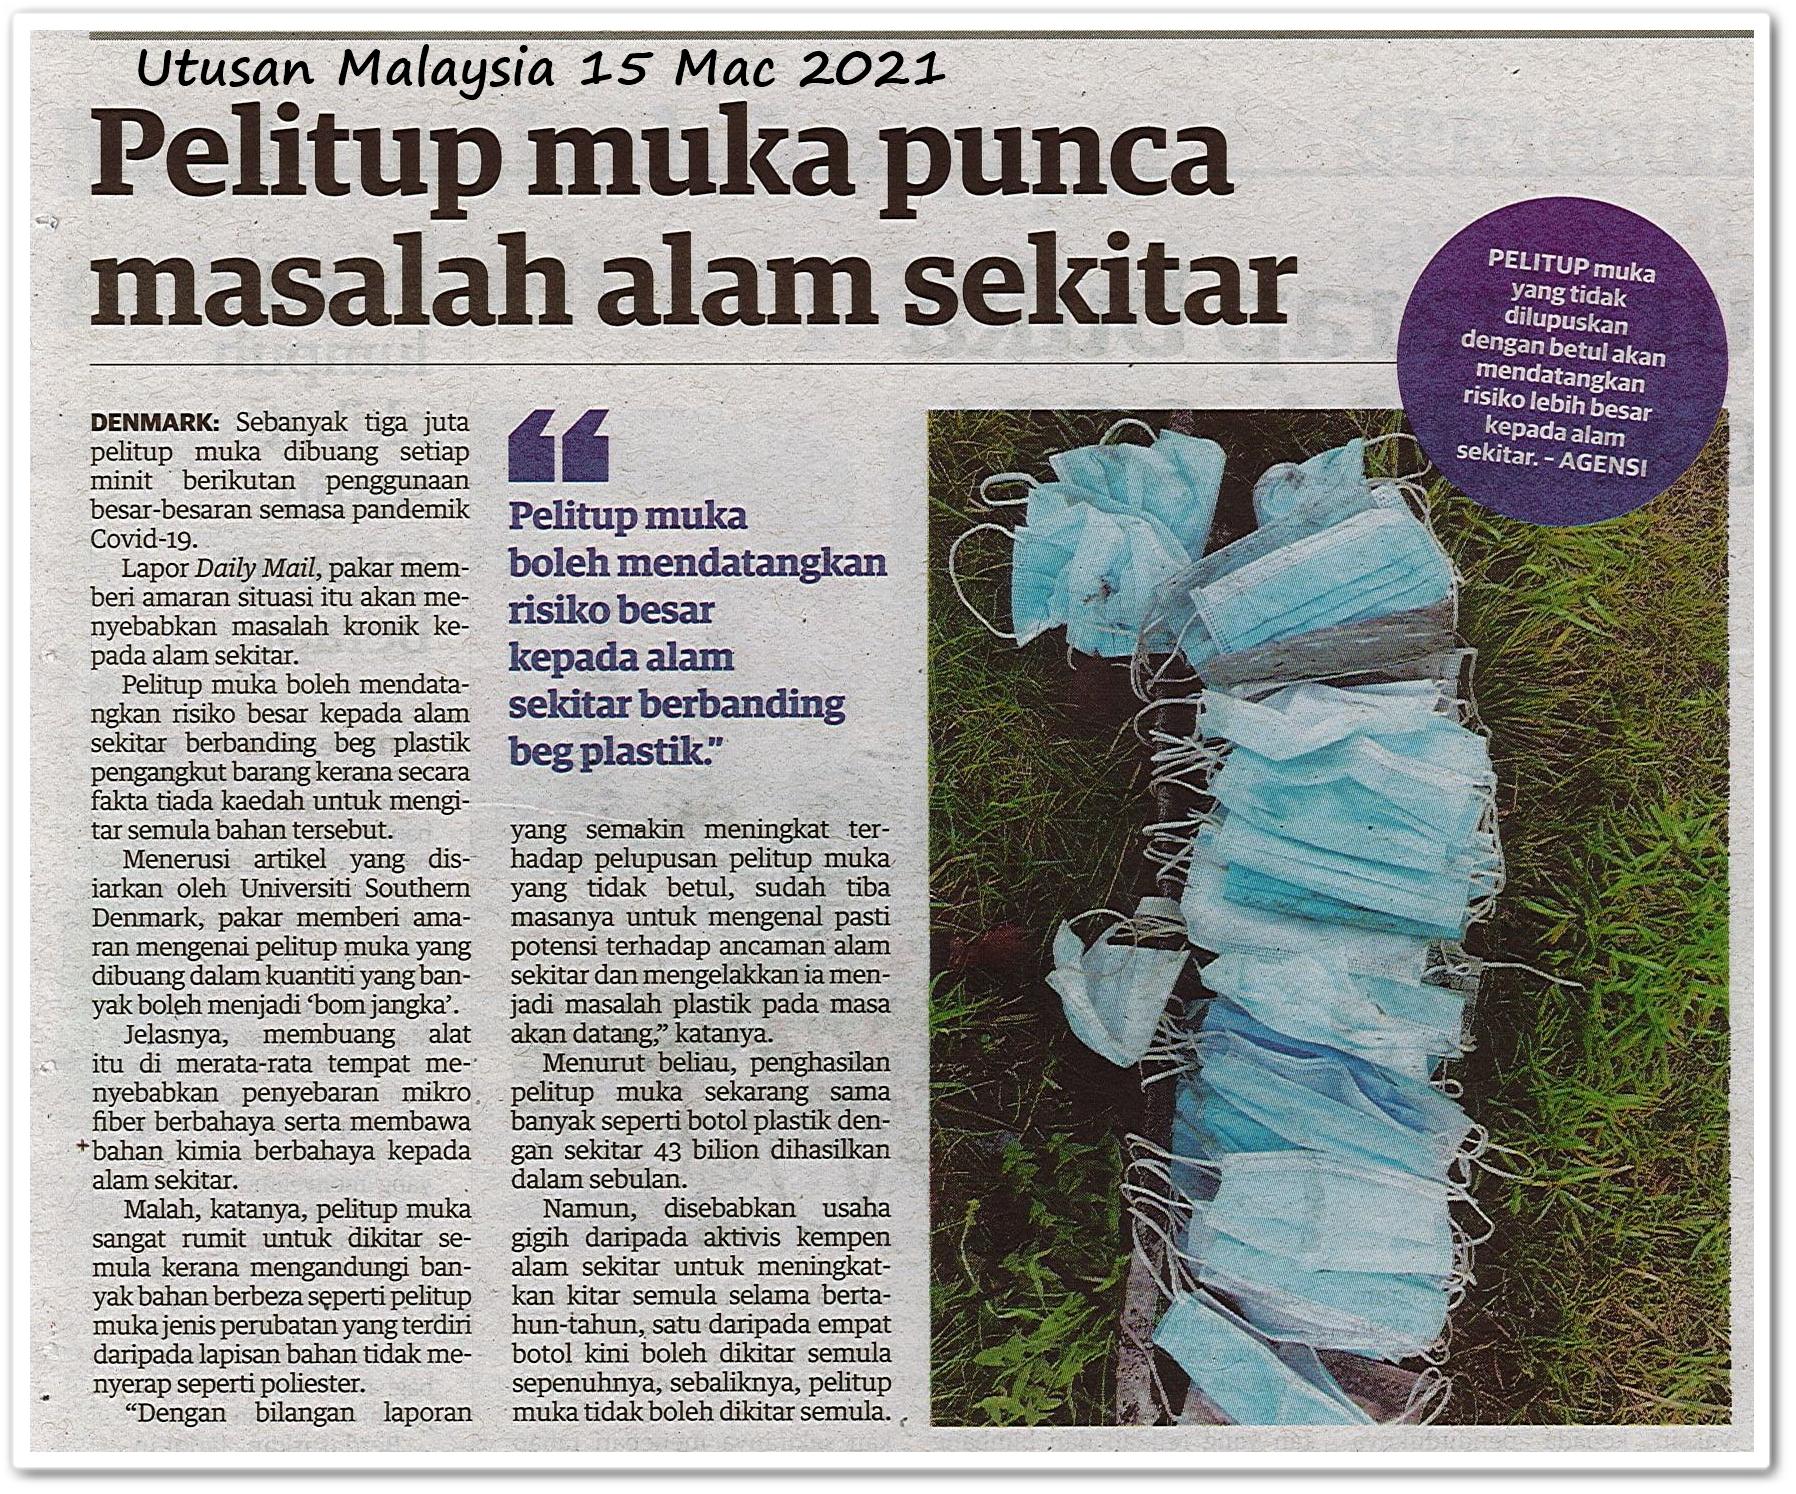 Pelitup muka punca masalah alam sekitar - Keratan akhbar Utusan Malaysia 15 Mac 2021